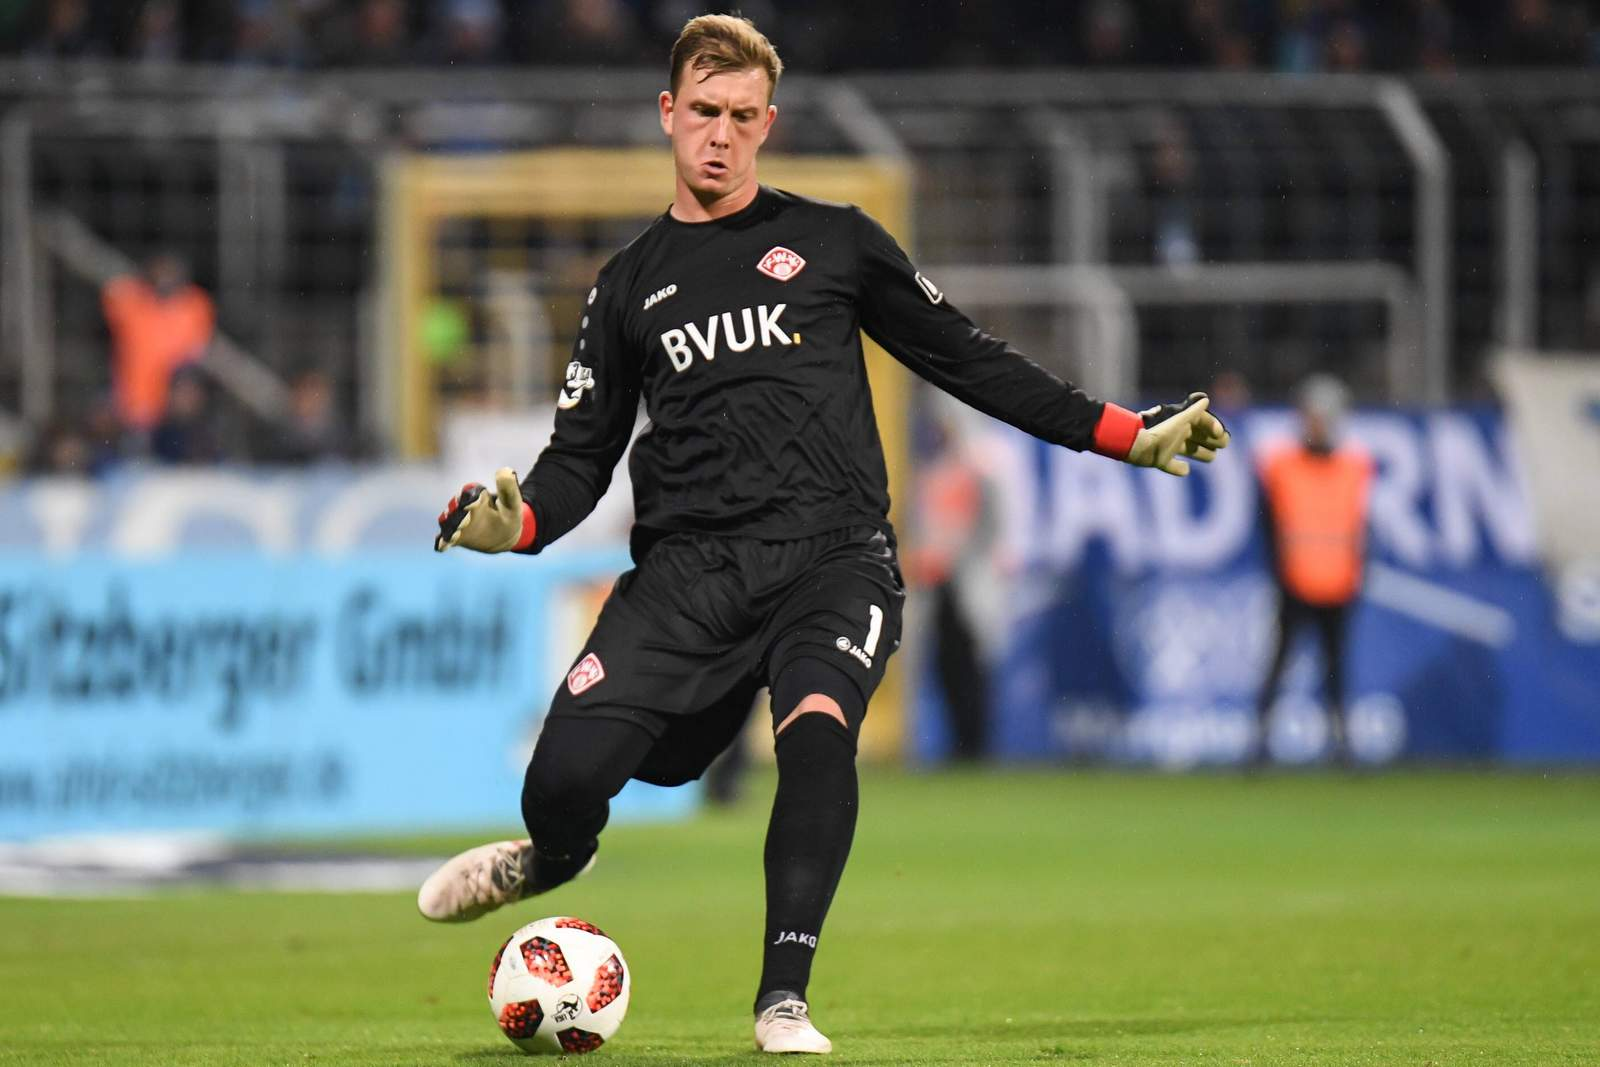 Leon Bätge von den Würzburger Kickers